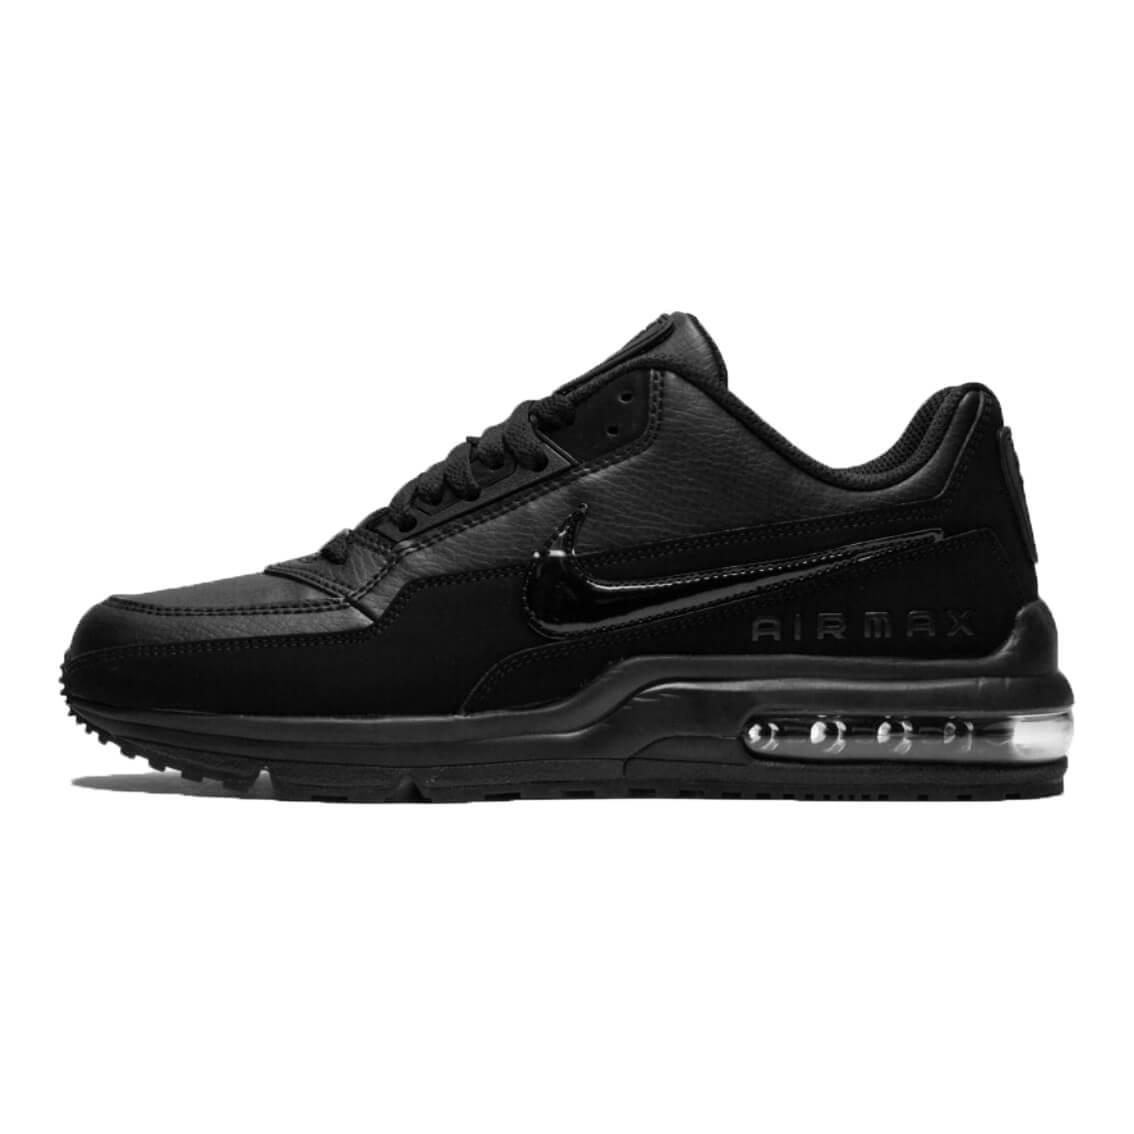 Nike Air Max LTD 3 zwart leer 687977 020